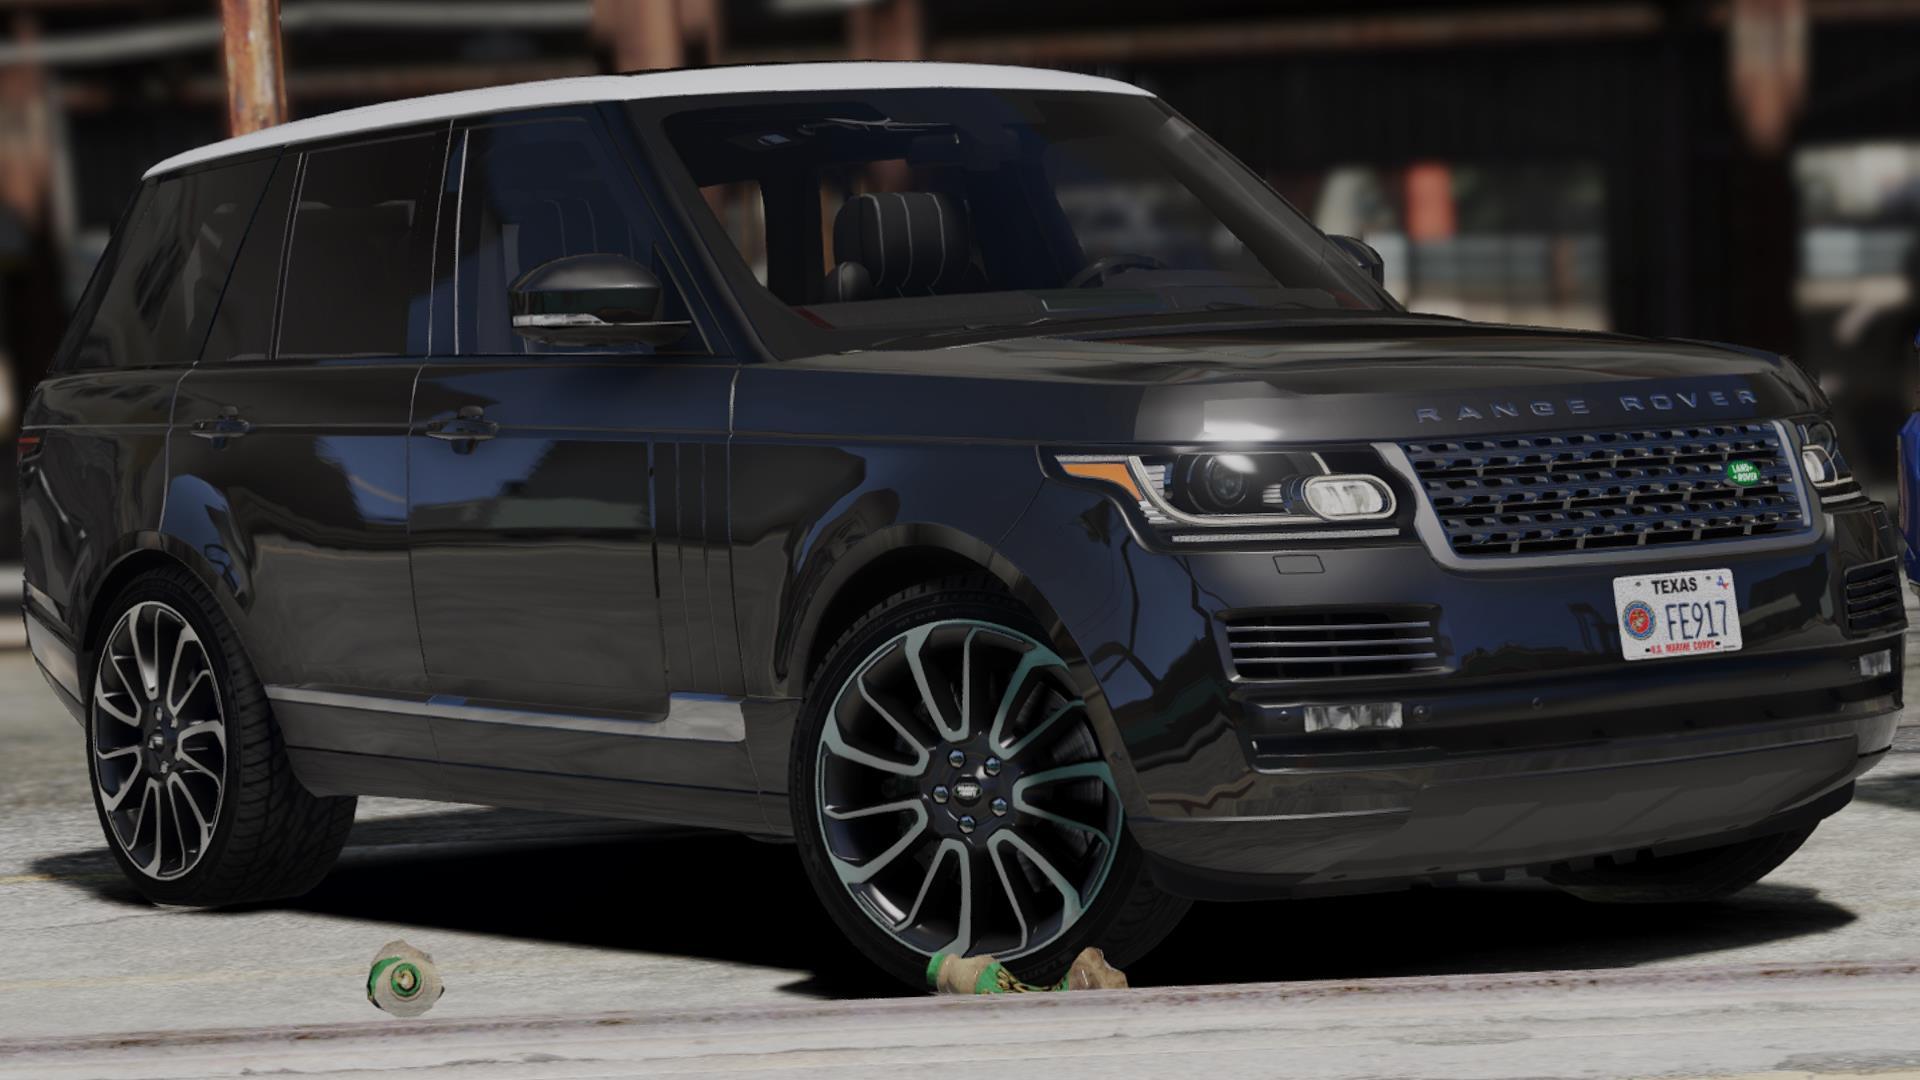 2014 range rover vogue sc 3 0 v6 add on replace gta5. Black Bedroom Furniture Sets. Home Design Ideas